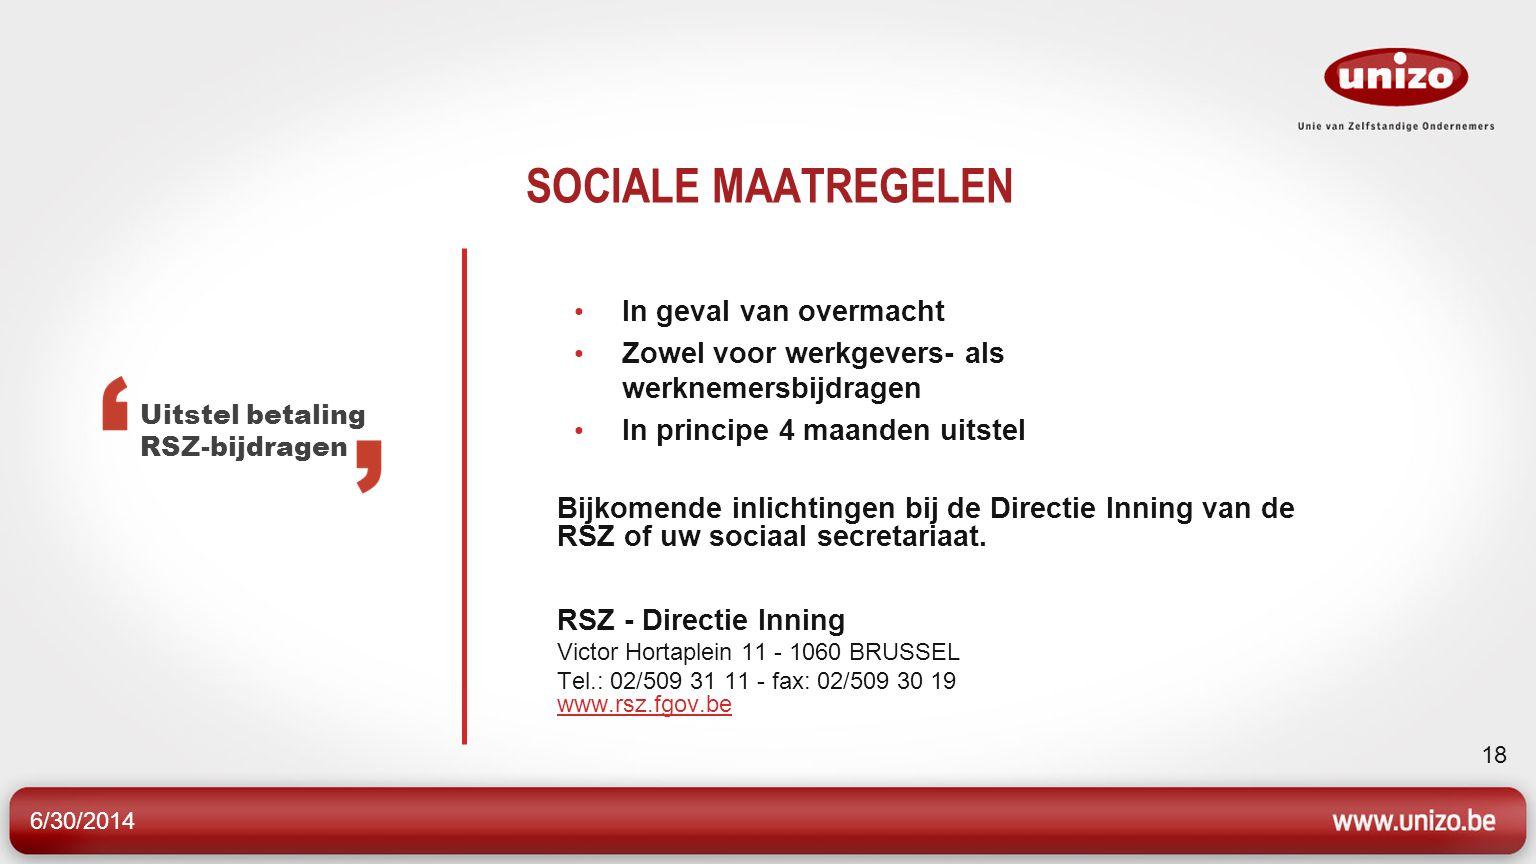 6/30/2014 18 SOCIALE MAATREGELEN • In geval van overmacht • Zowel voor werkgevers- als werknemersbijdragen • In principe 4 maanden uitstel Bijkomende inlichtingen bij de Directie Inning van de RSZ of uw sociaal secretariaat.